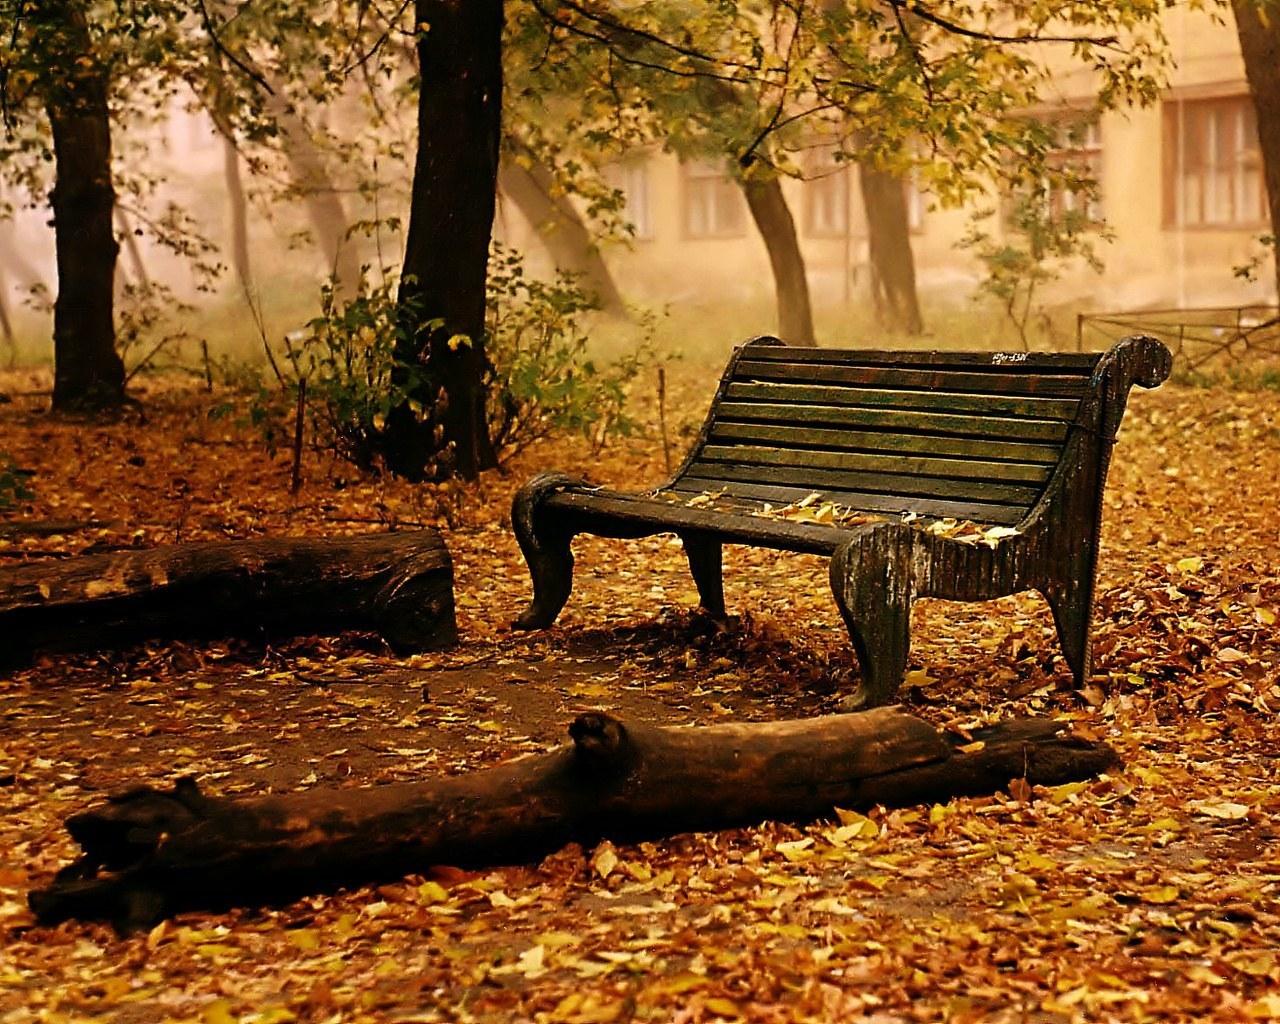 Autumn wallpaper   Autumn Wallpaper 9444937 1280x1024